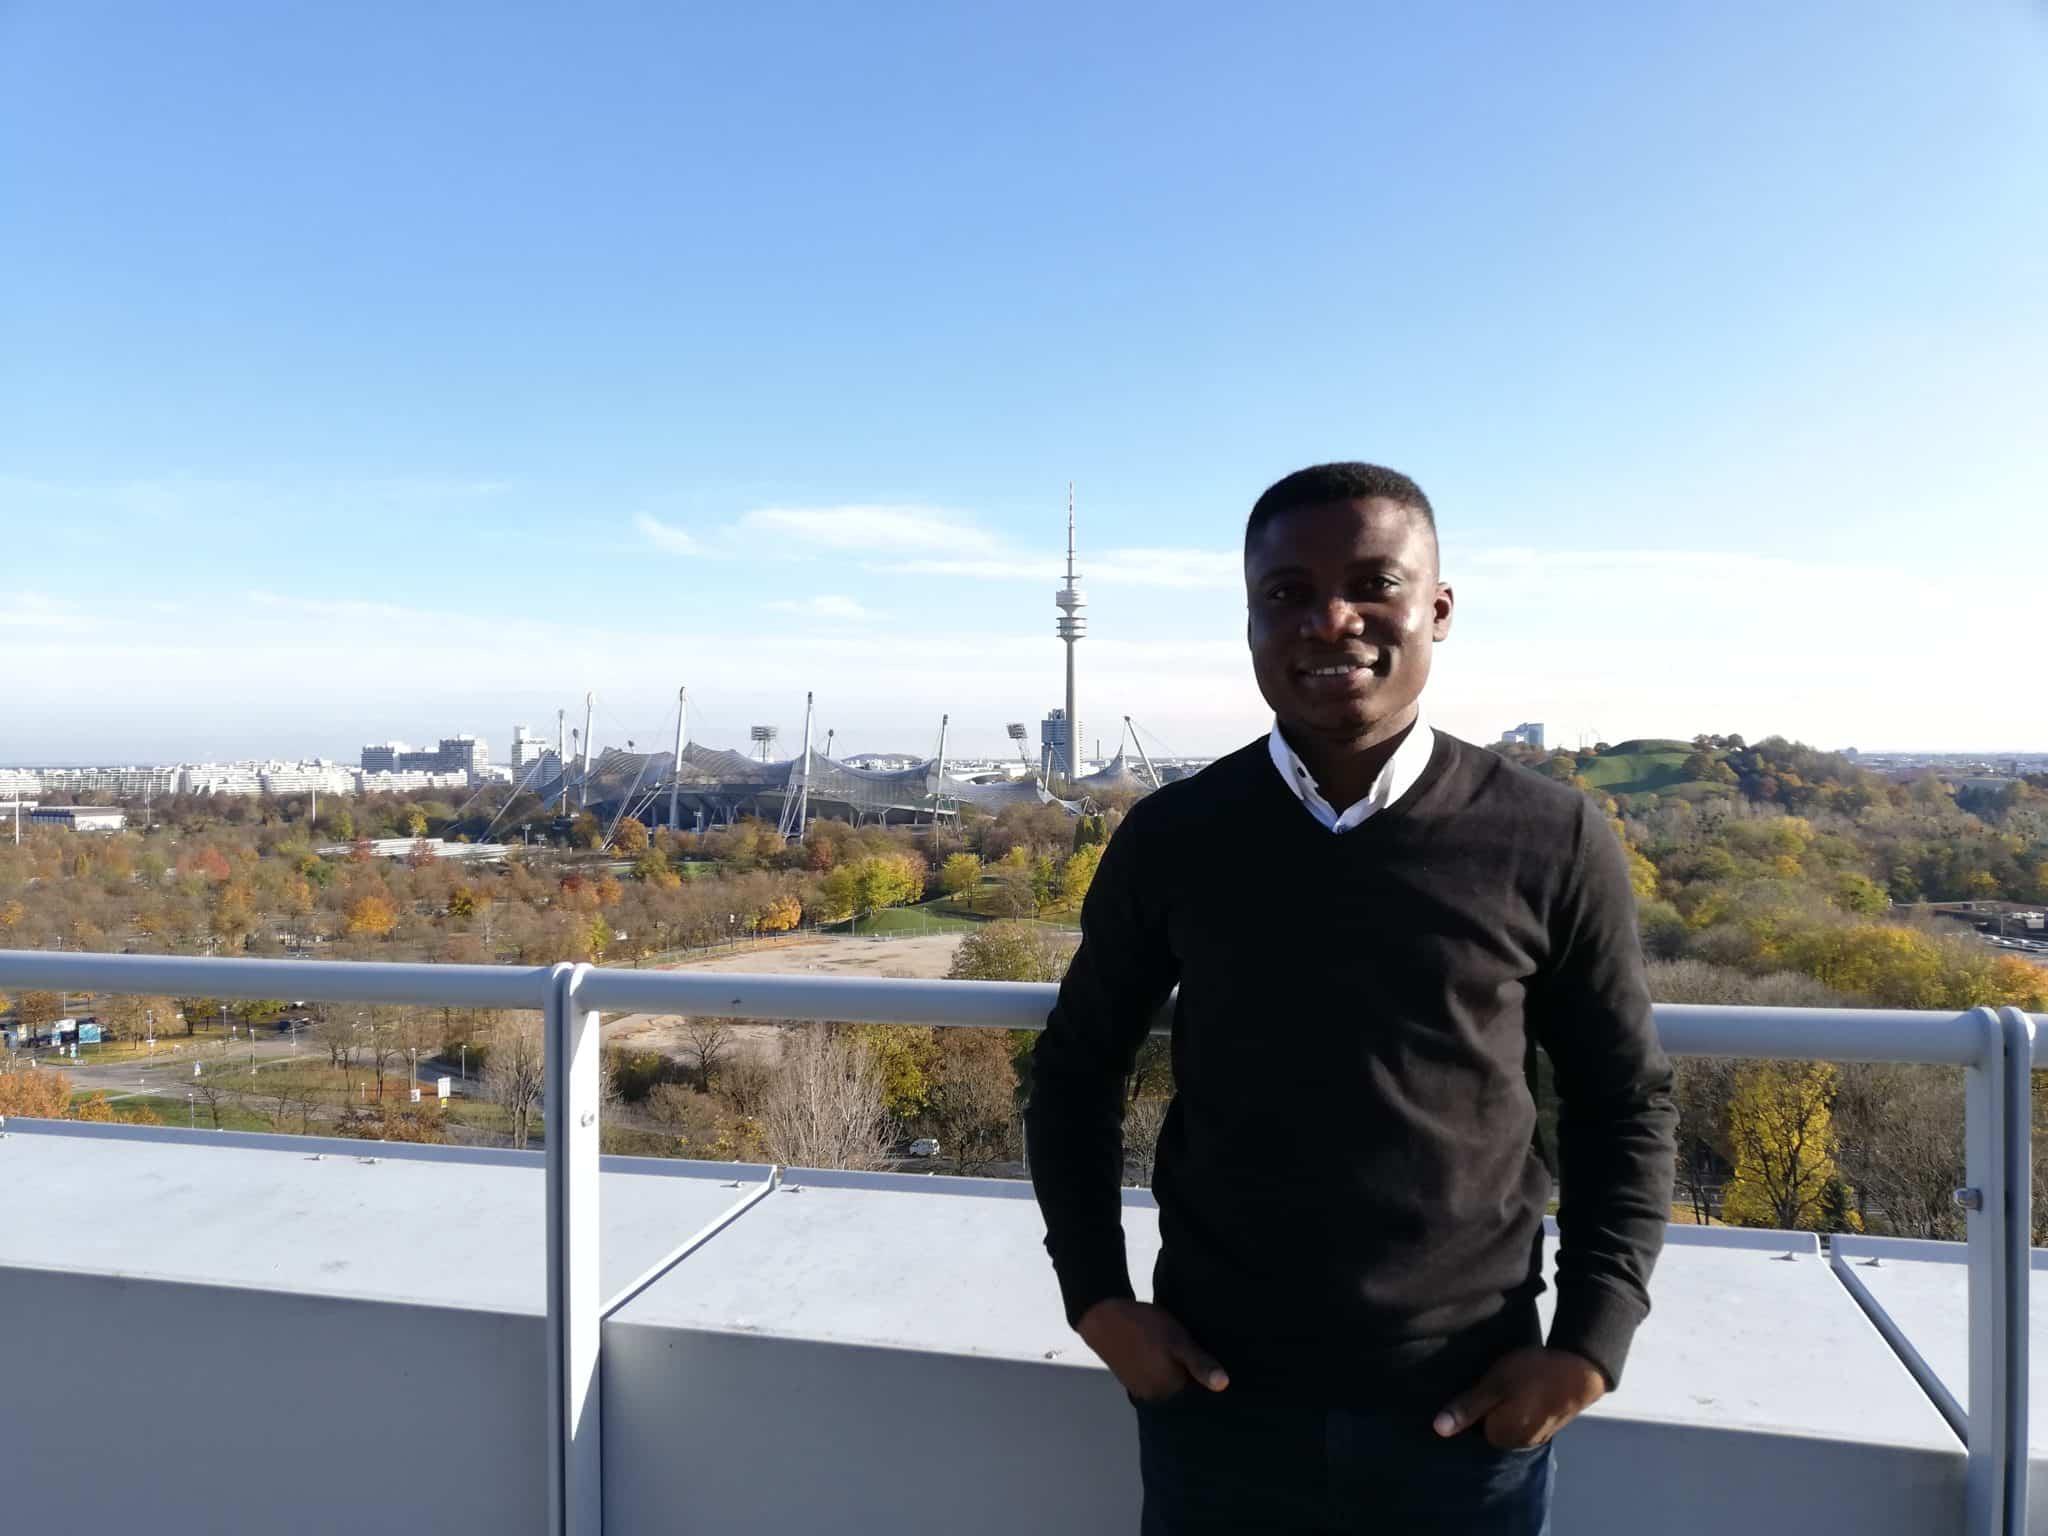 Dr.-Ing. Matthew Bediako Okrah neuer AT Mitarbeiter